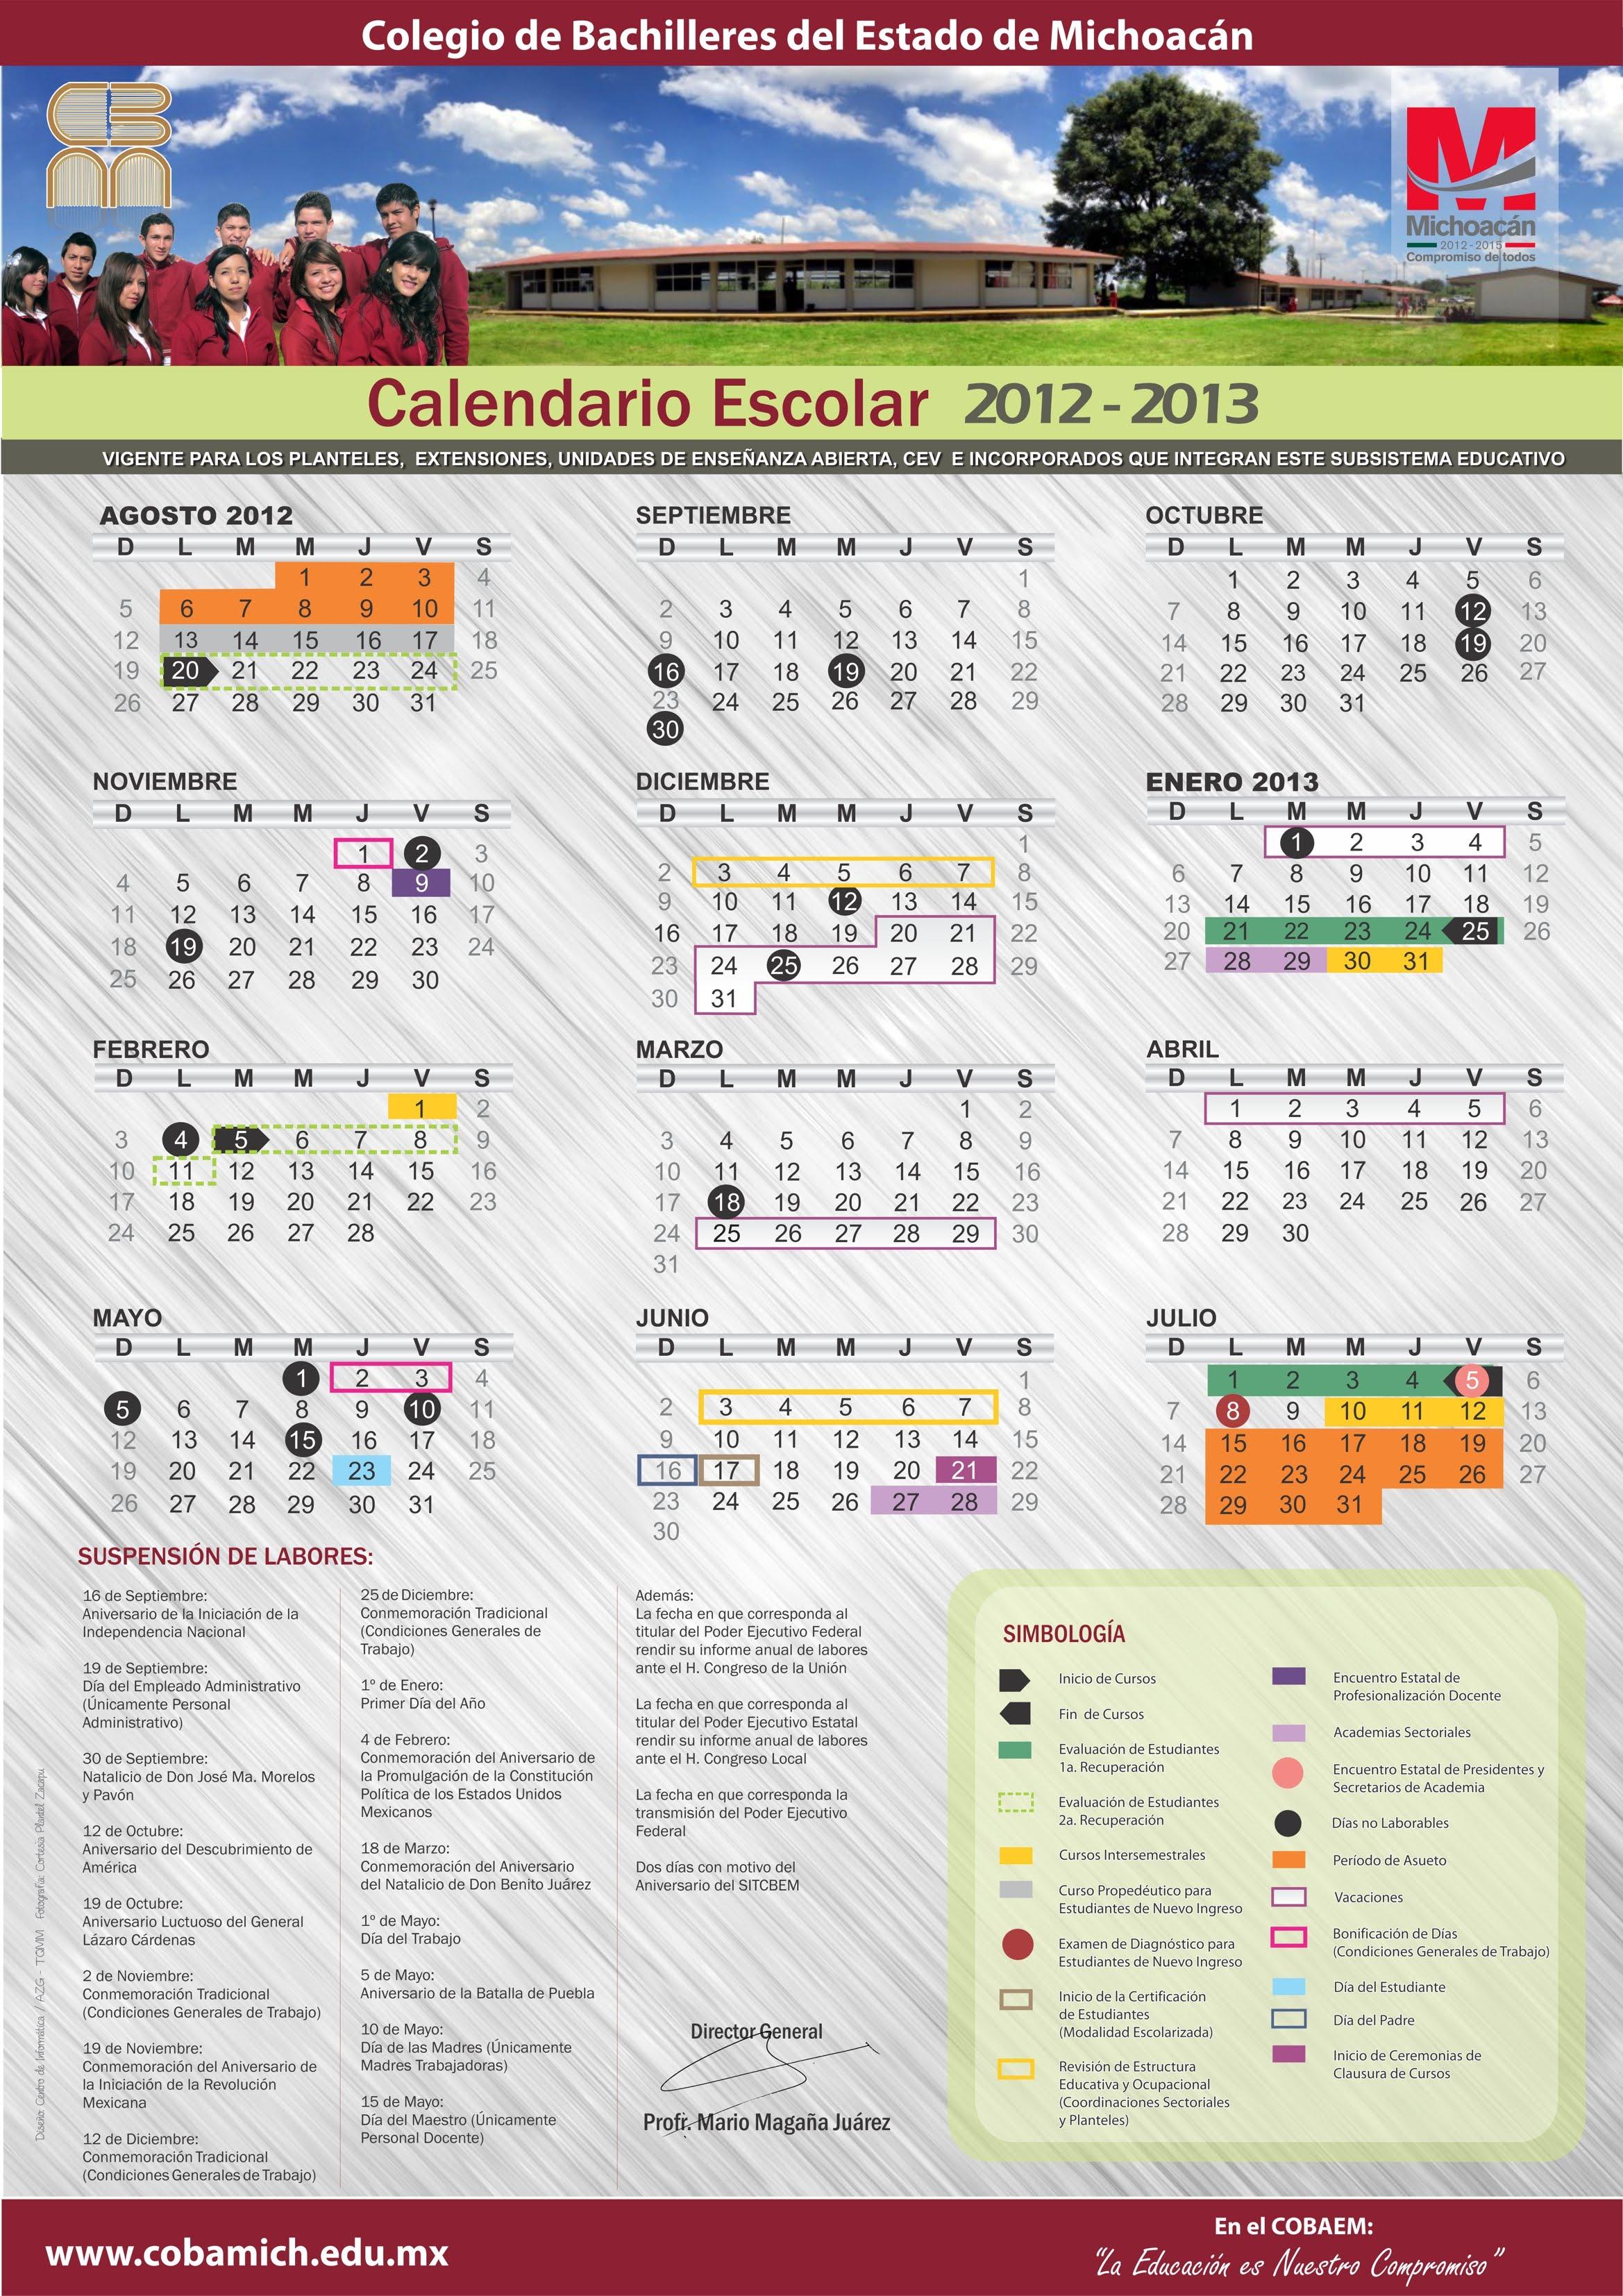 ... click a la imagen y se abrira una nueva ventana del calendario escolar